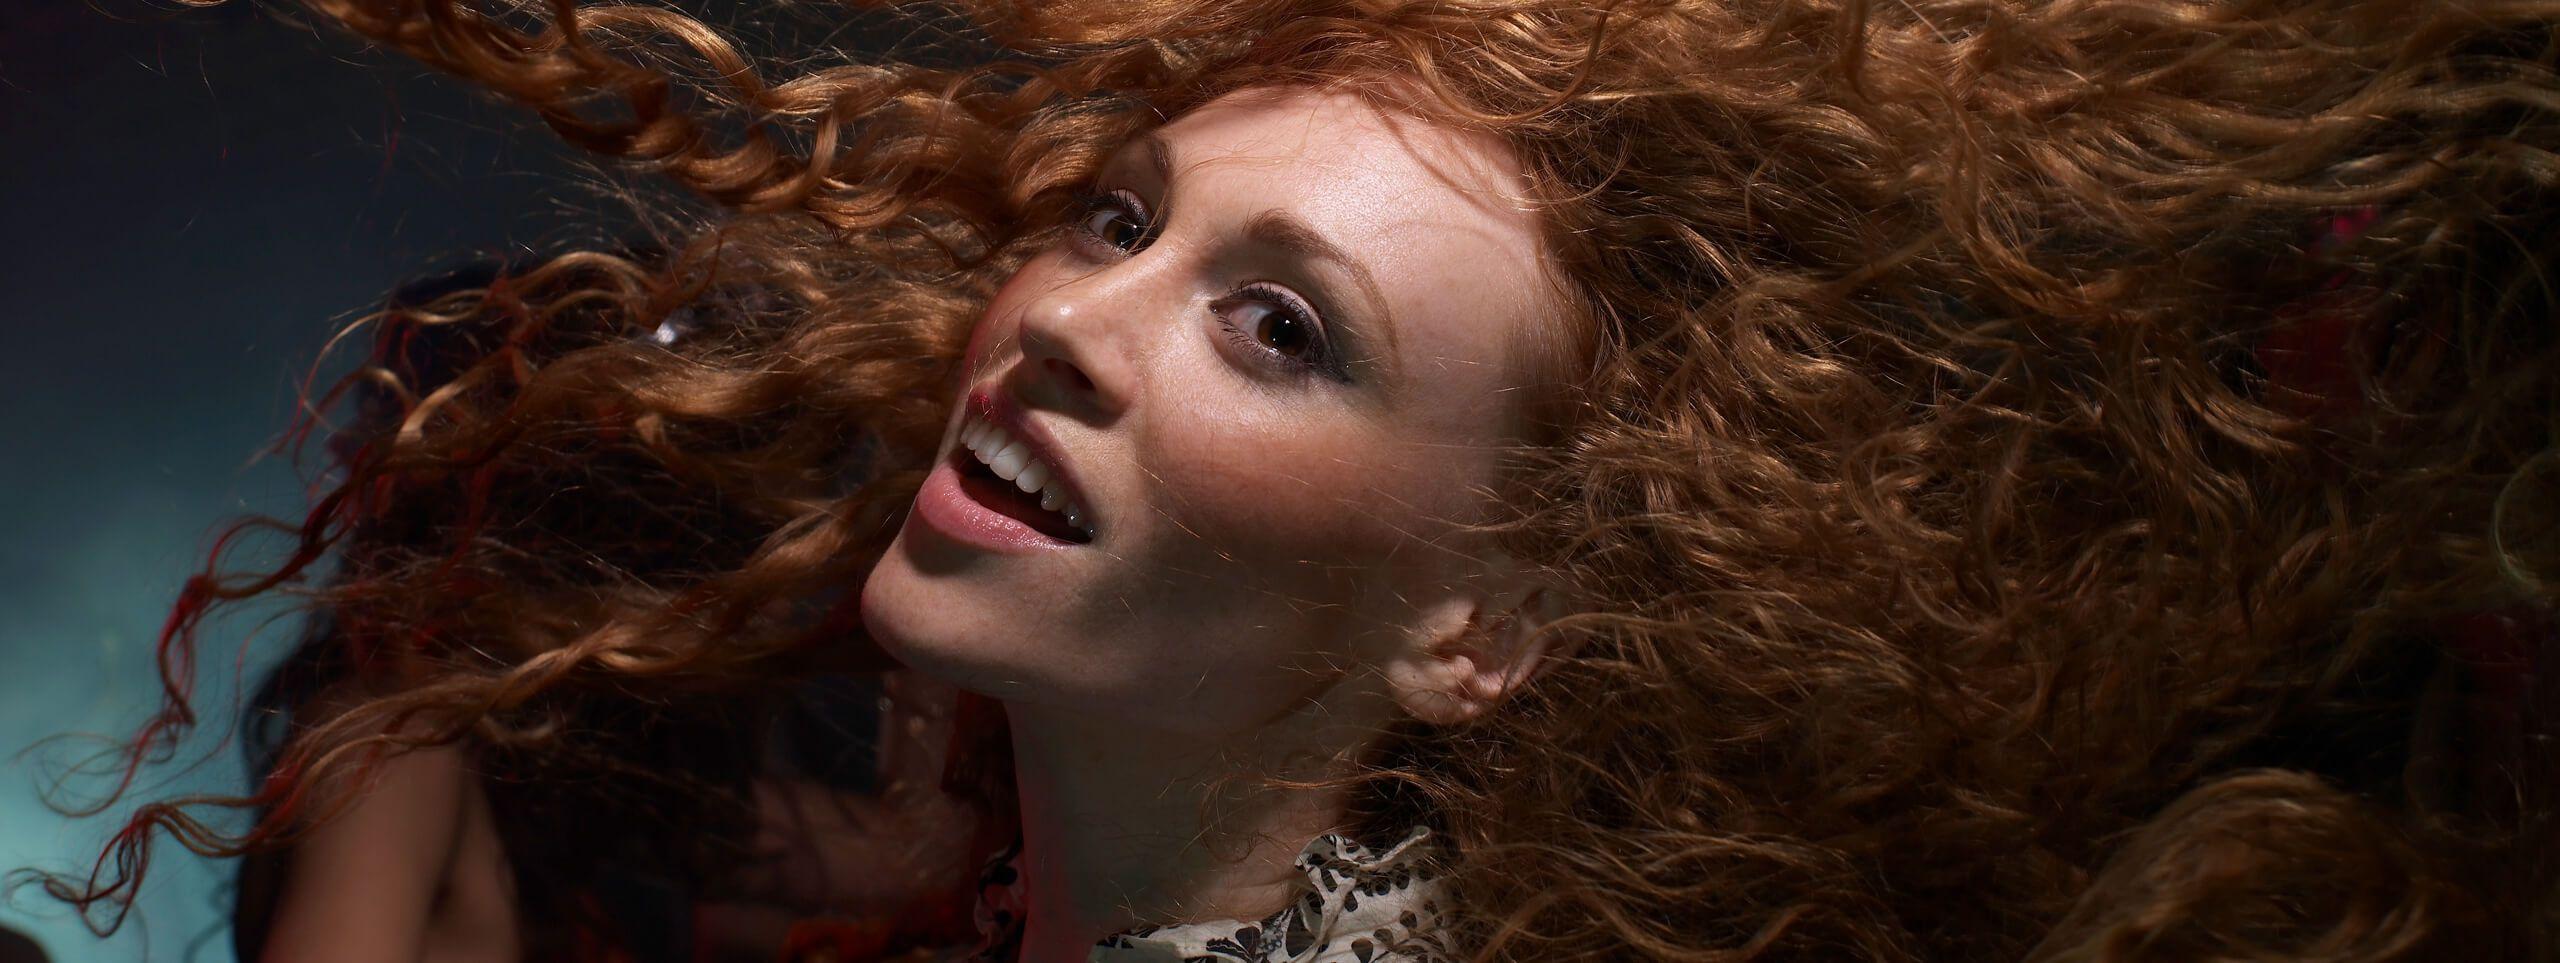 Modella con capelli ricci permanente rossa